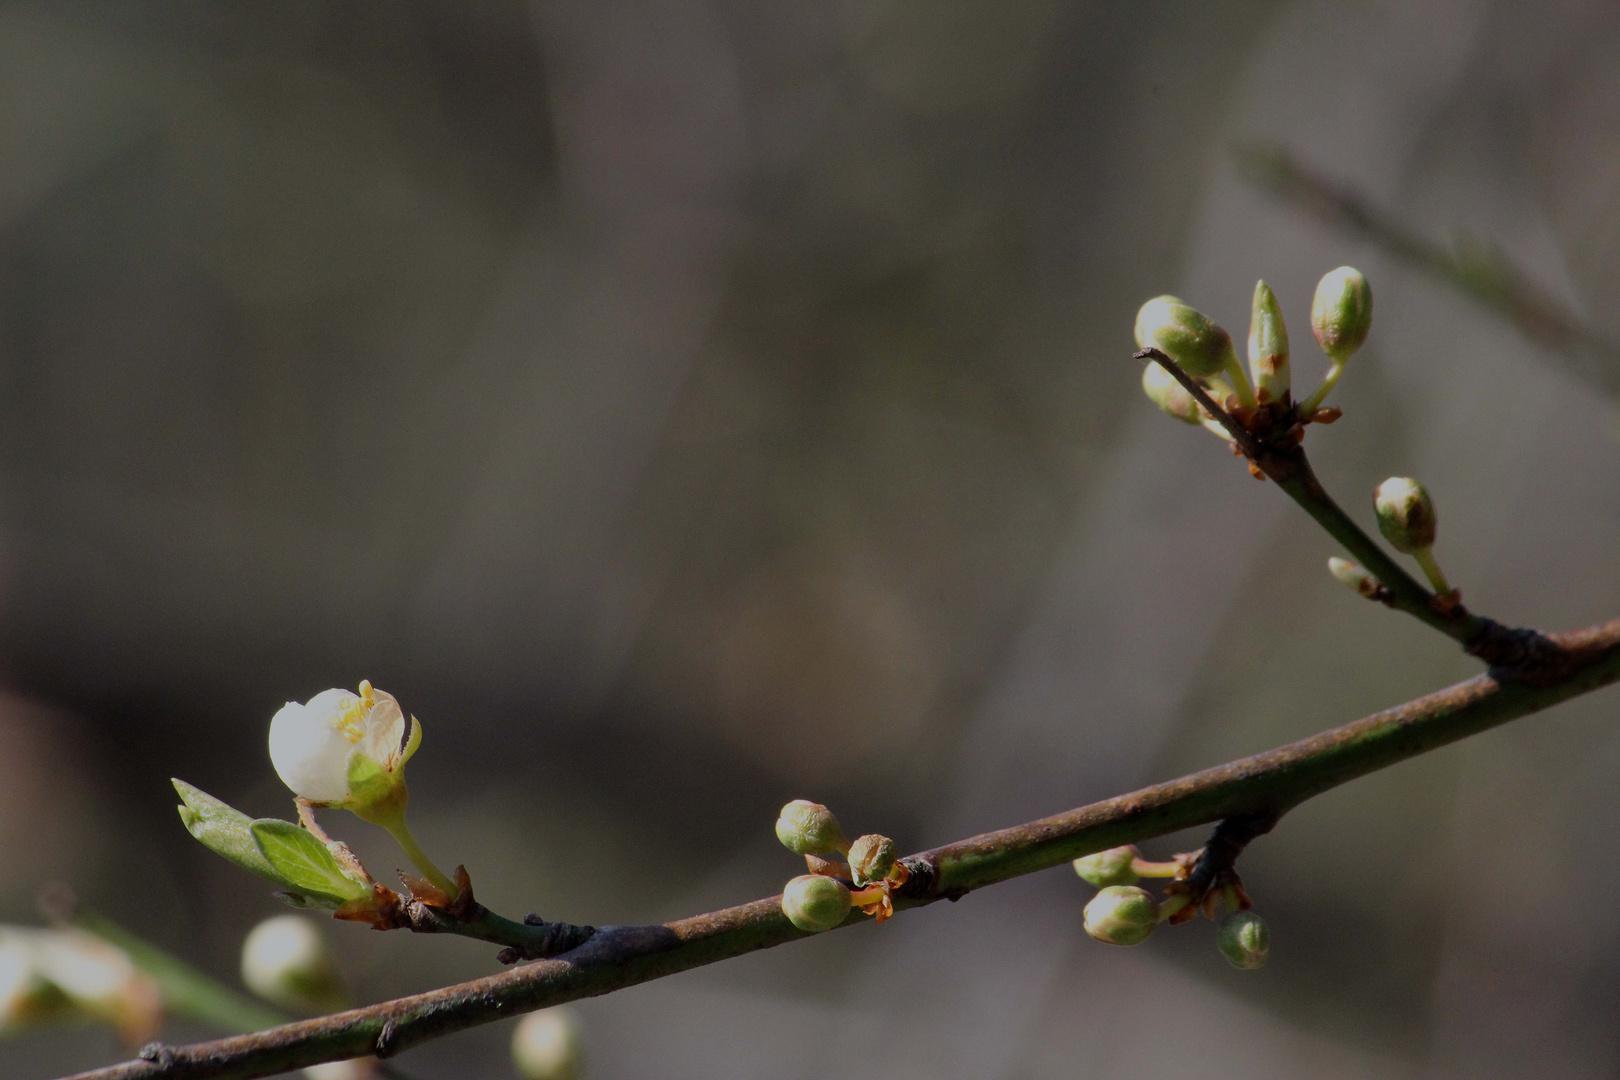 erste Miniblüte